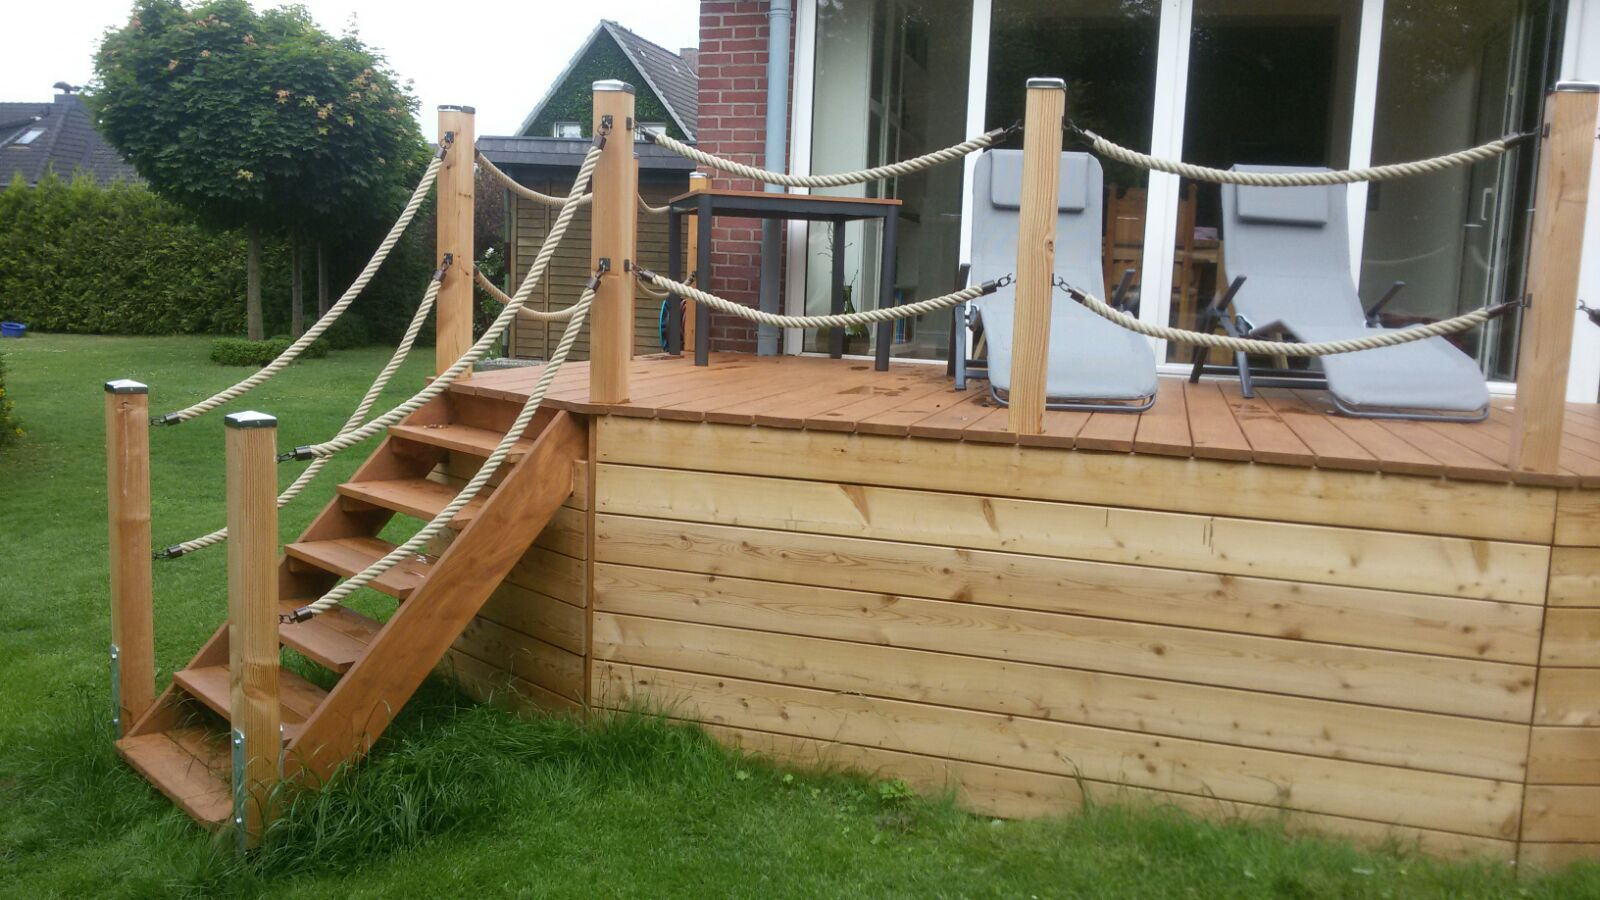 Terrasse mit Treppe sehr schön Lärche ge